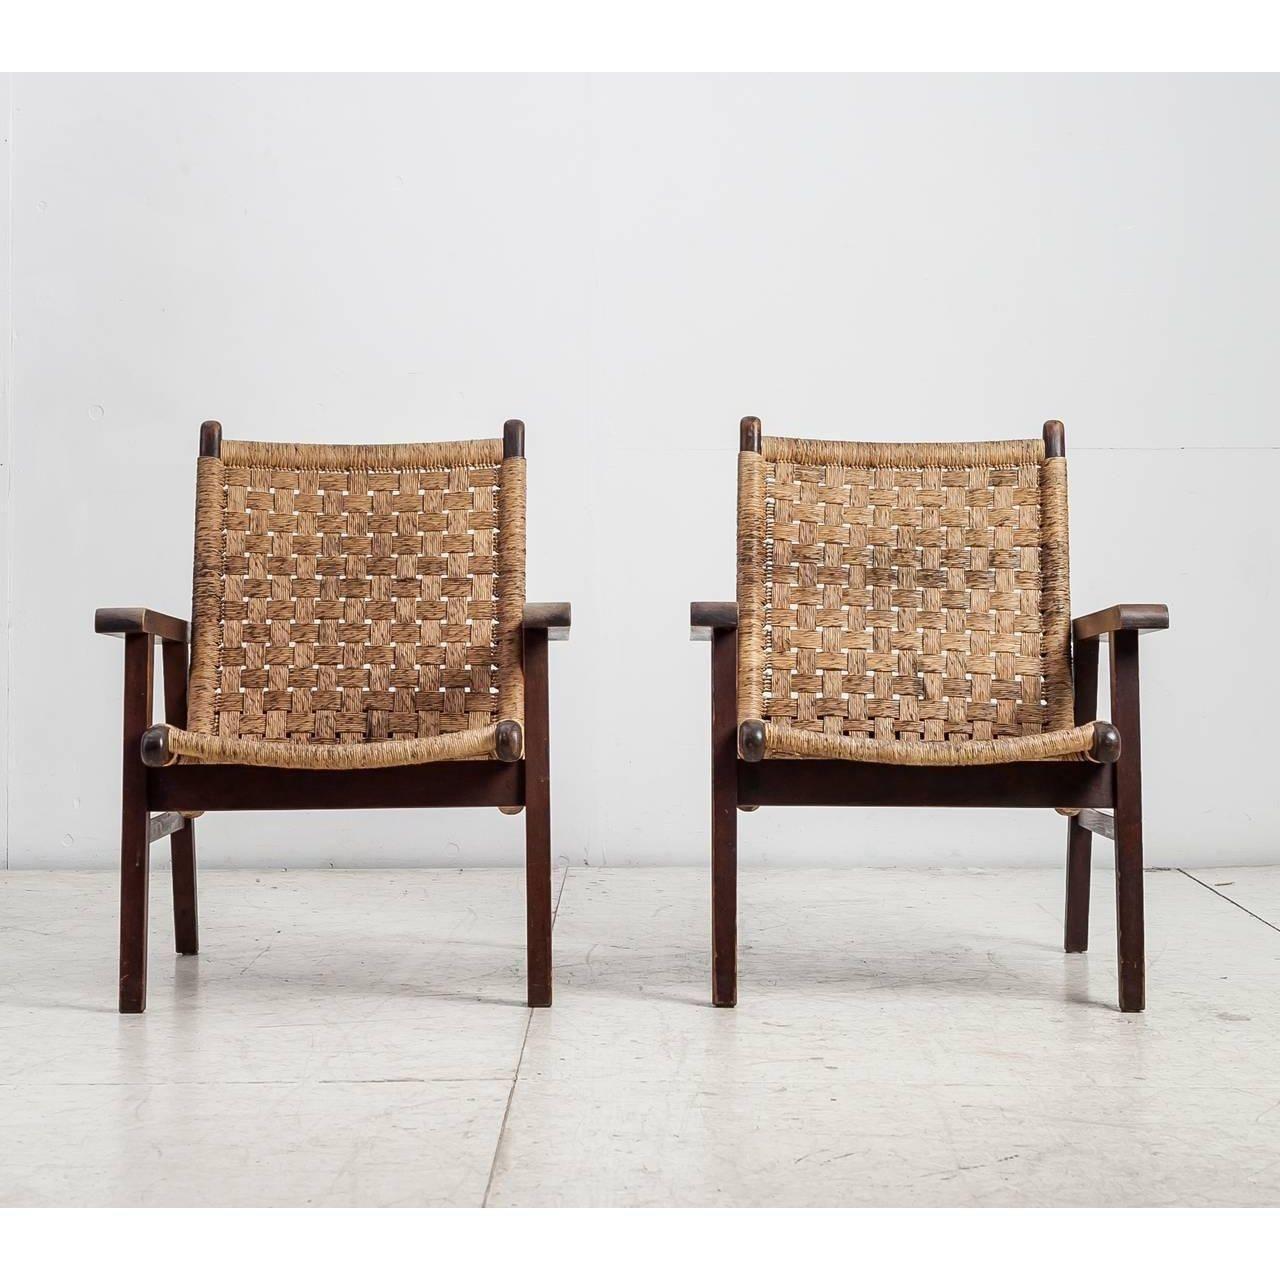 Image Of Pair Van Beuren Attributed Armchairs With Woven Cord  # Muebles Van Beuren